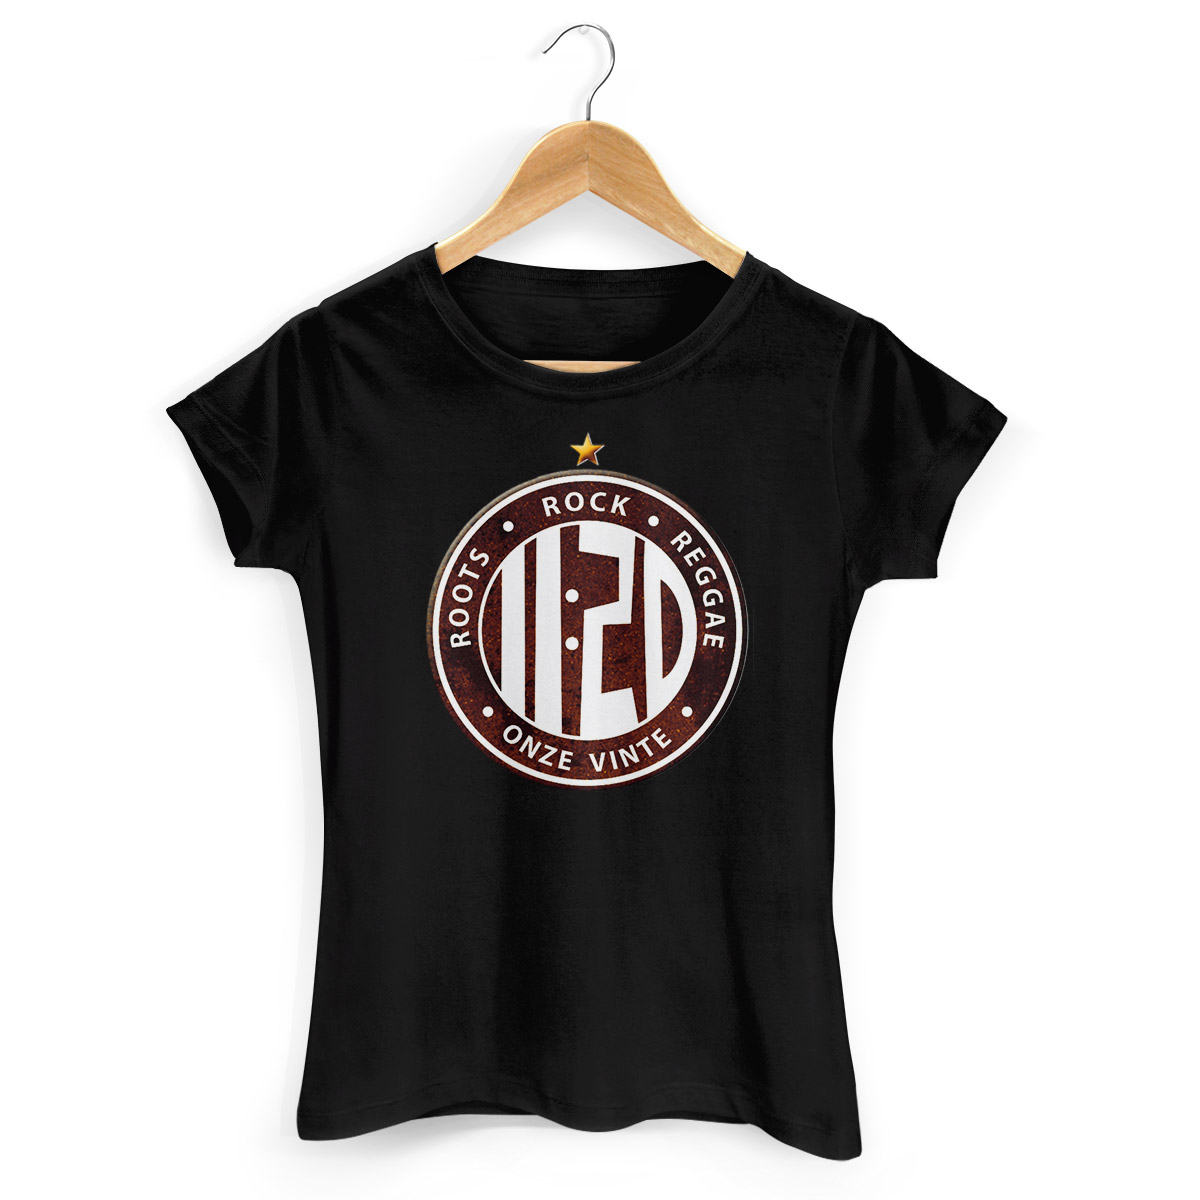 Camiseta Feminina Onze:20 Logo Star